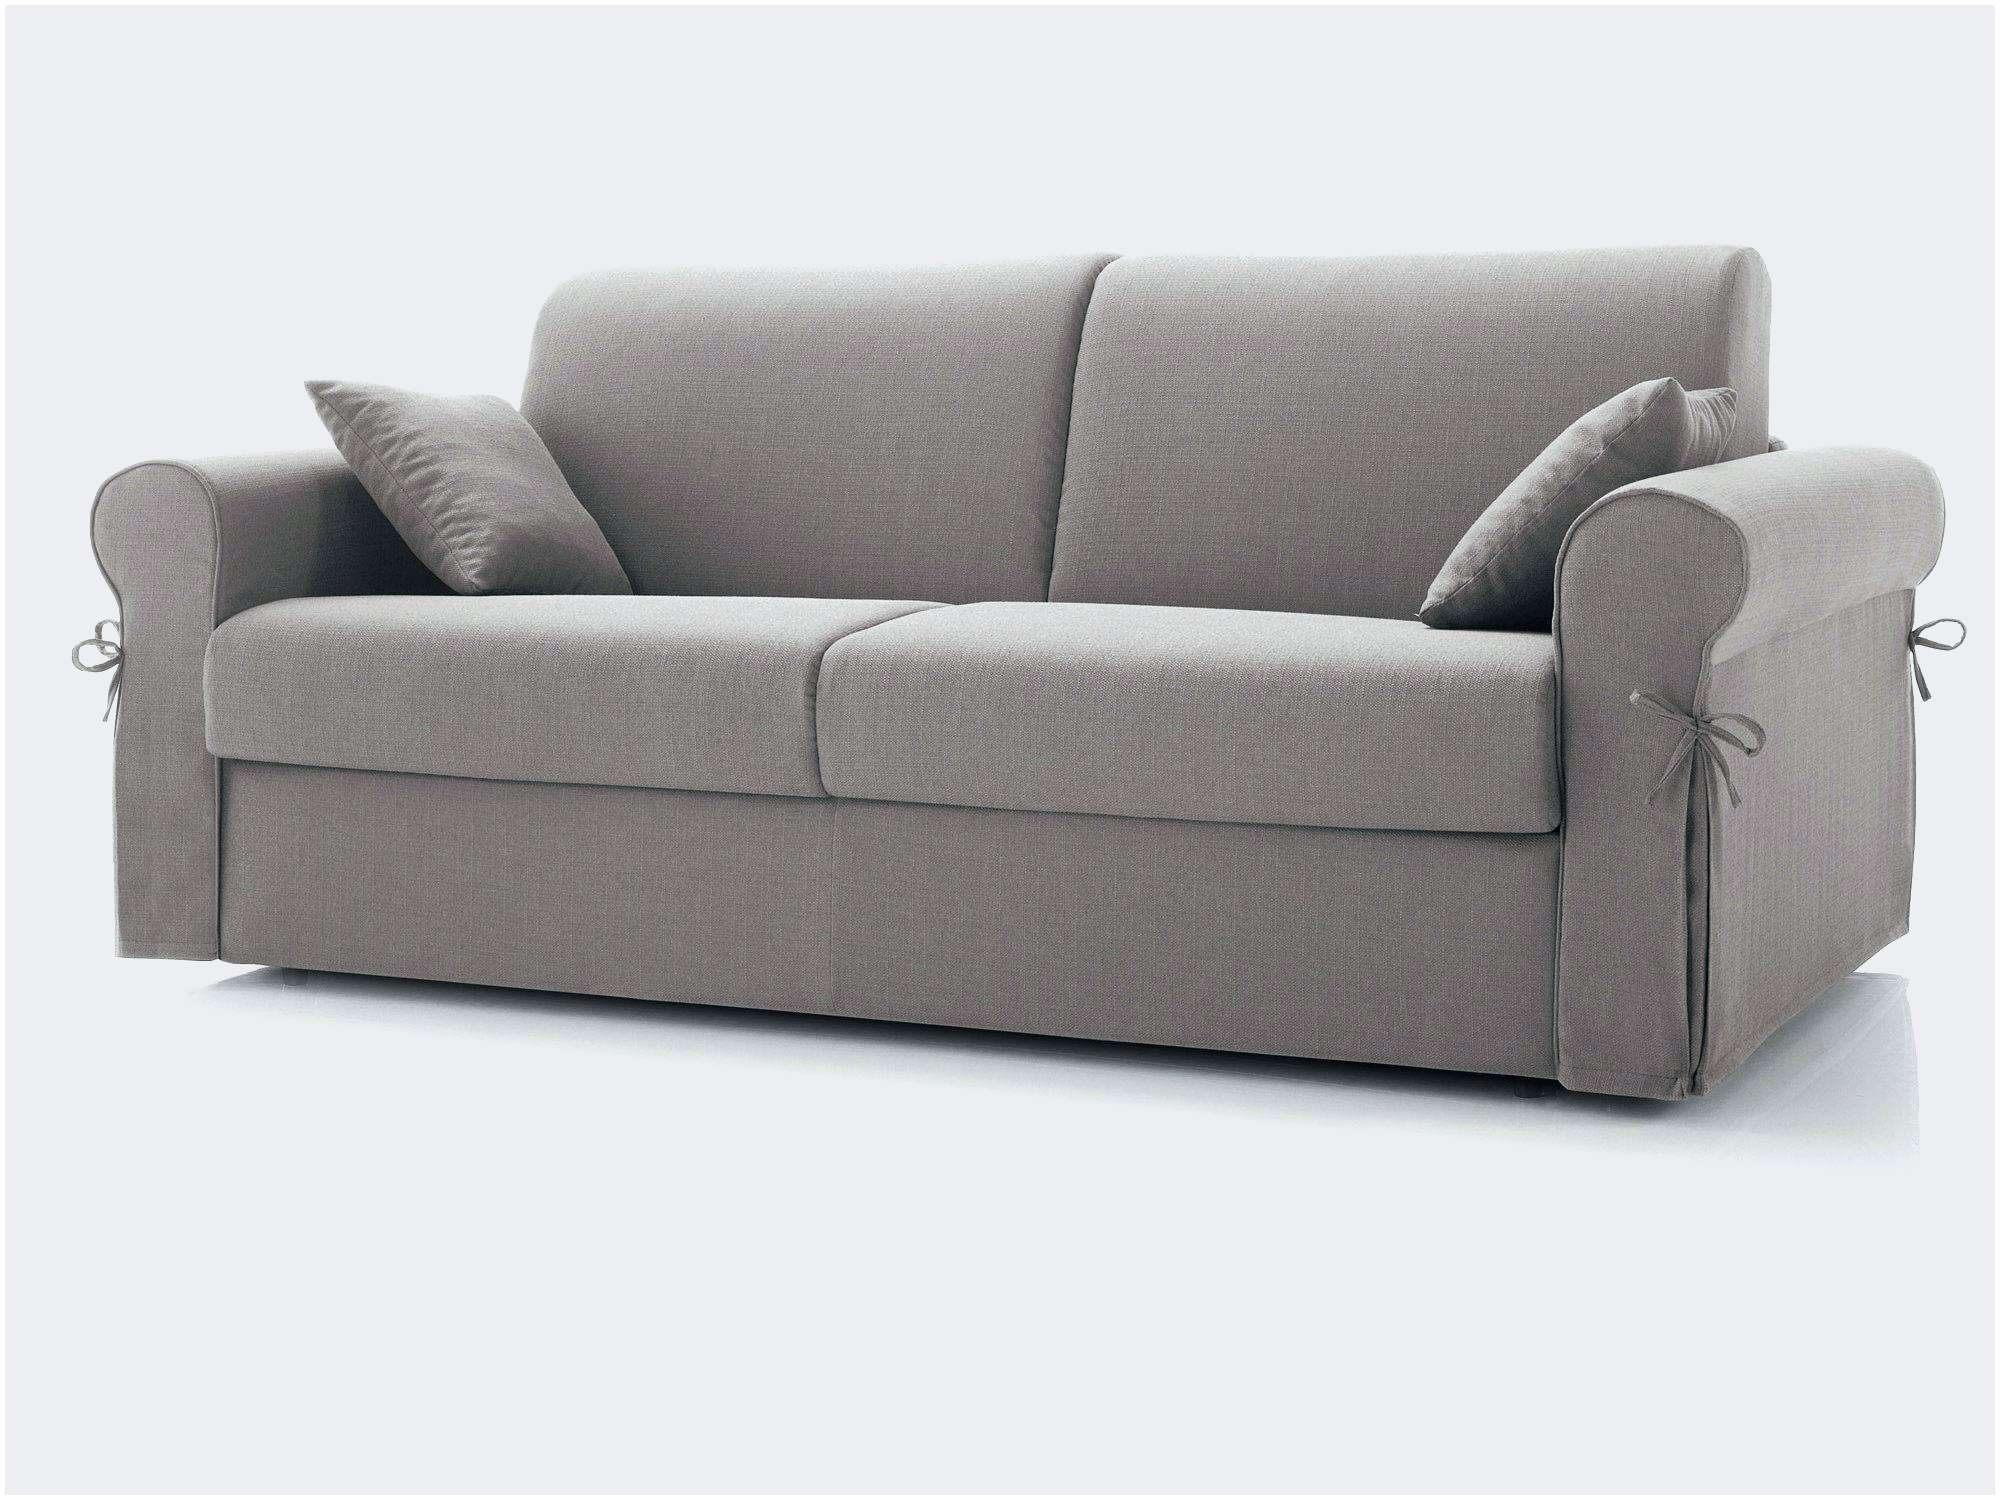 Solde Canape Lit Le Luxe Nouveau Alinea Canape Angle élégant Graphie Canape Lit Alinea Frais